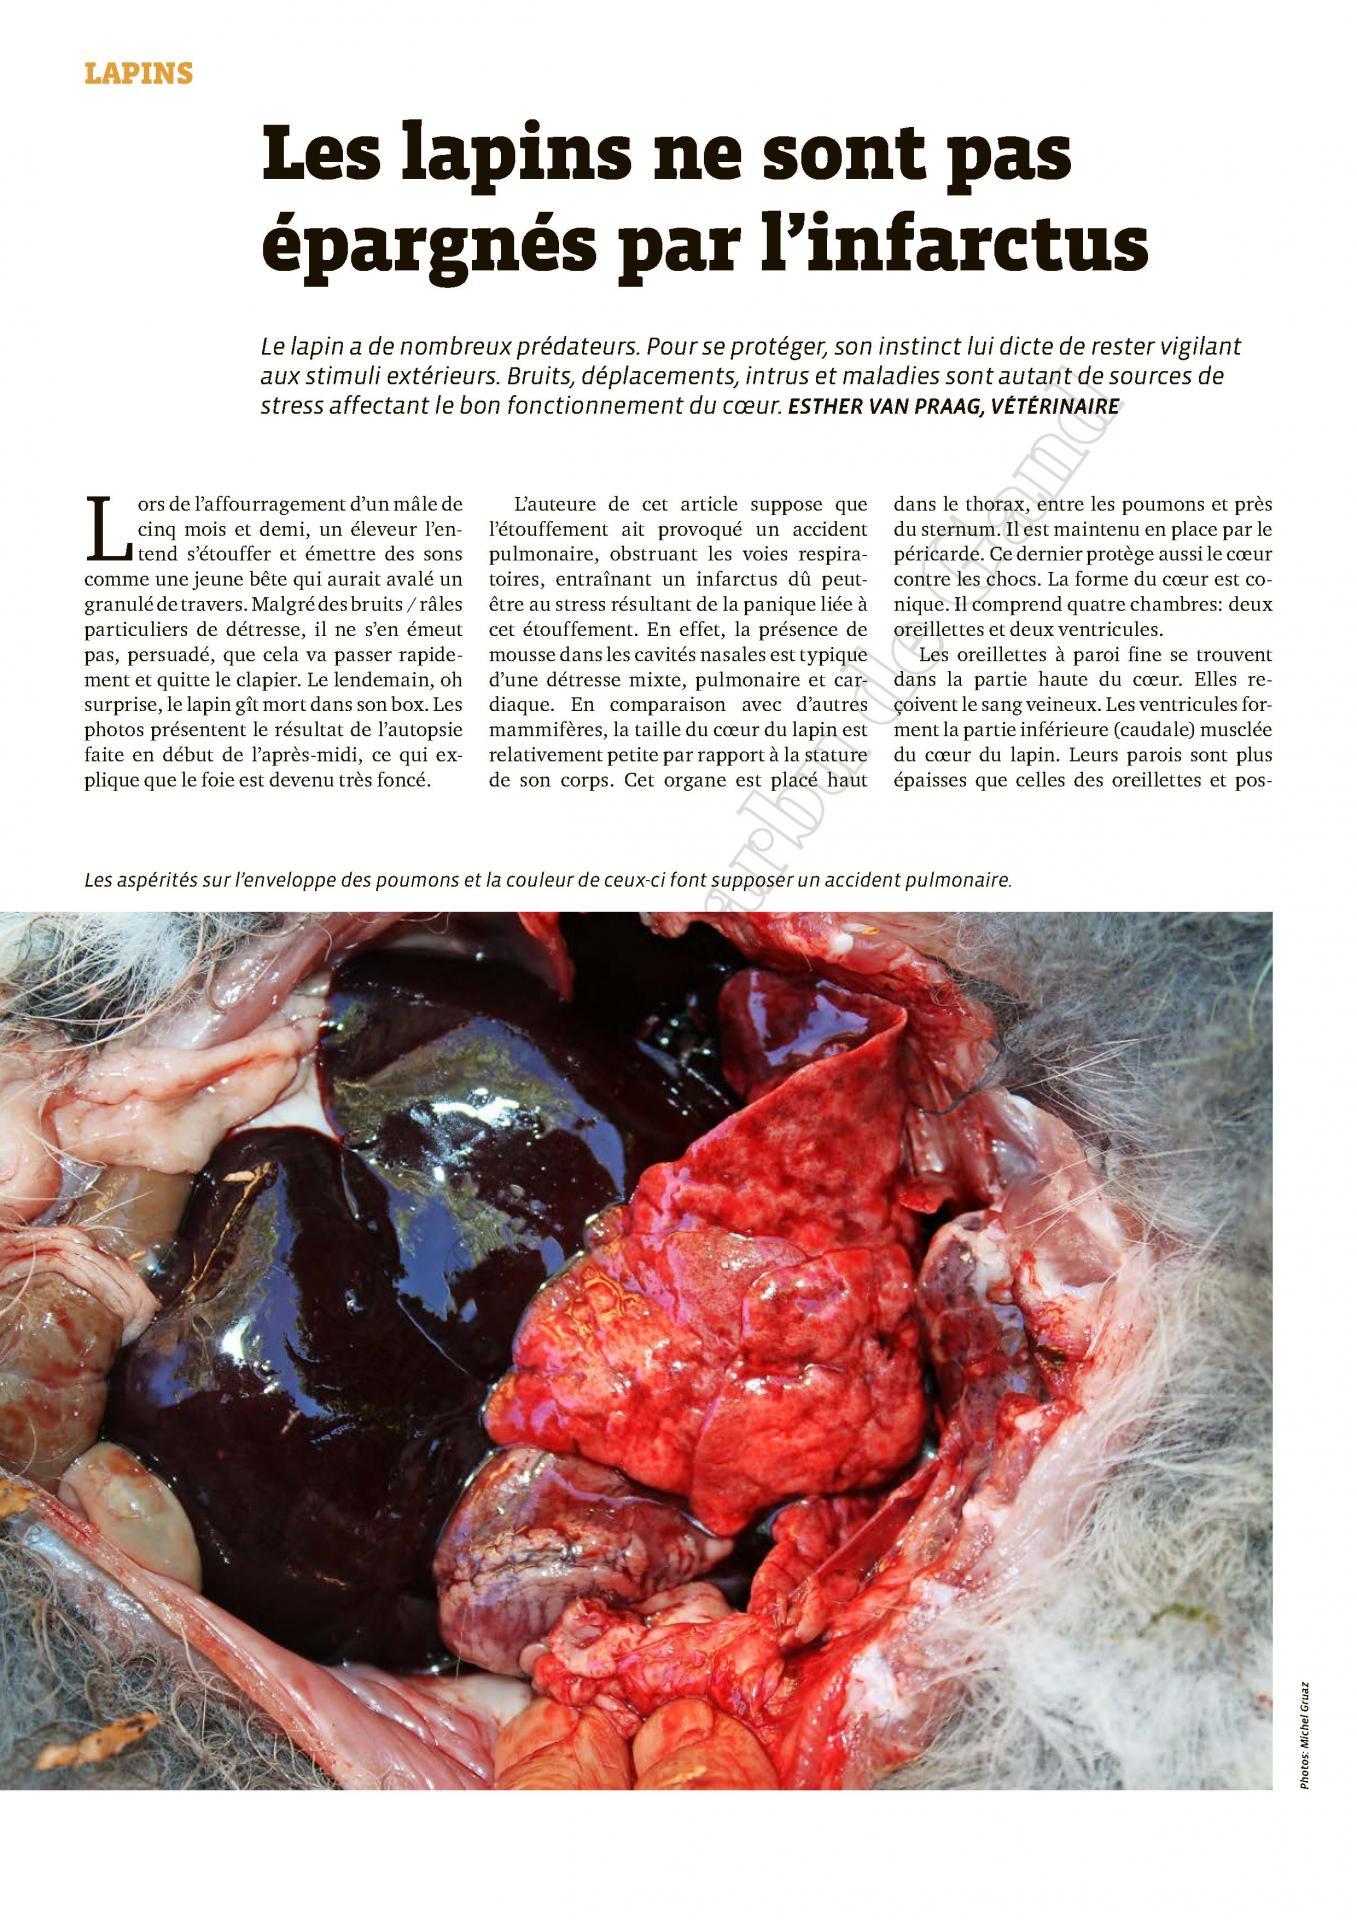 Les lapins ne sont pas epargnes par l infarctus 1